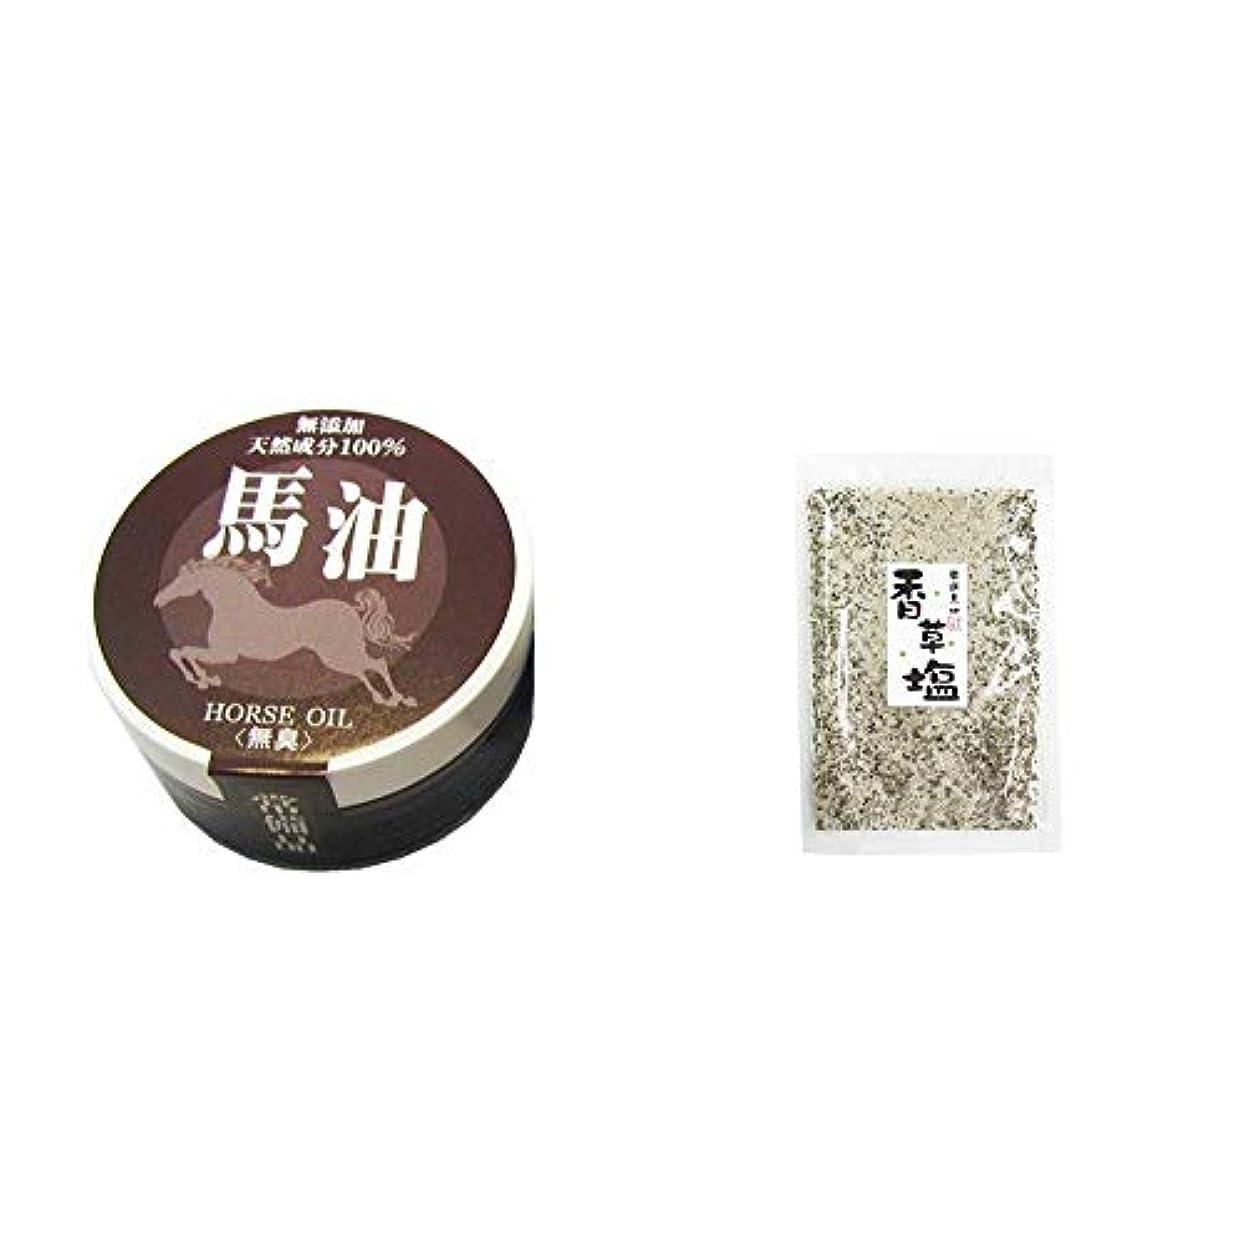 肥料マングル余分な[2点セット] 無添加天然成分100% 馬油[無香料](38g)?香草塩 [袋タイプ](100g)